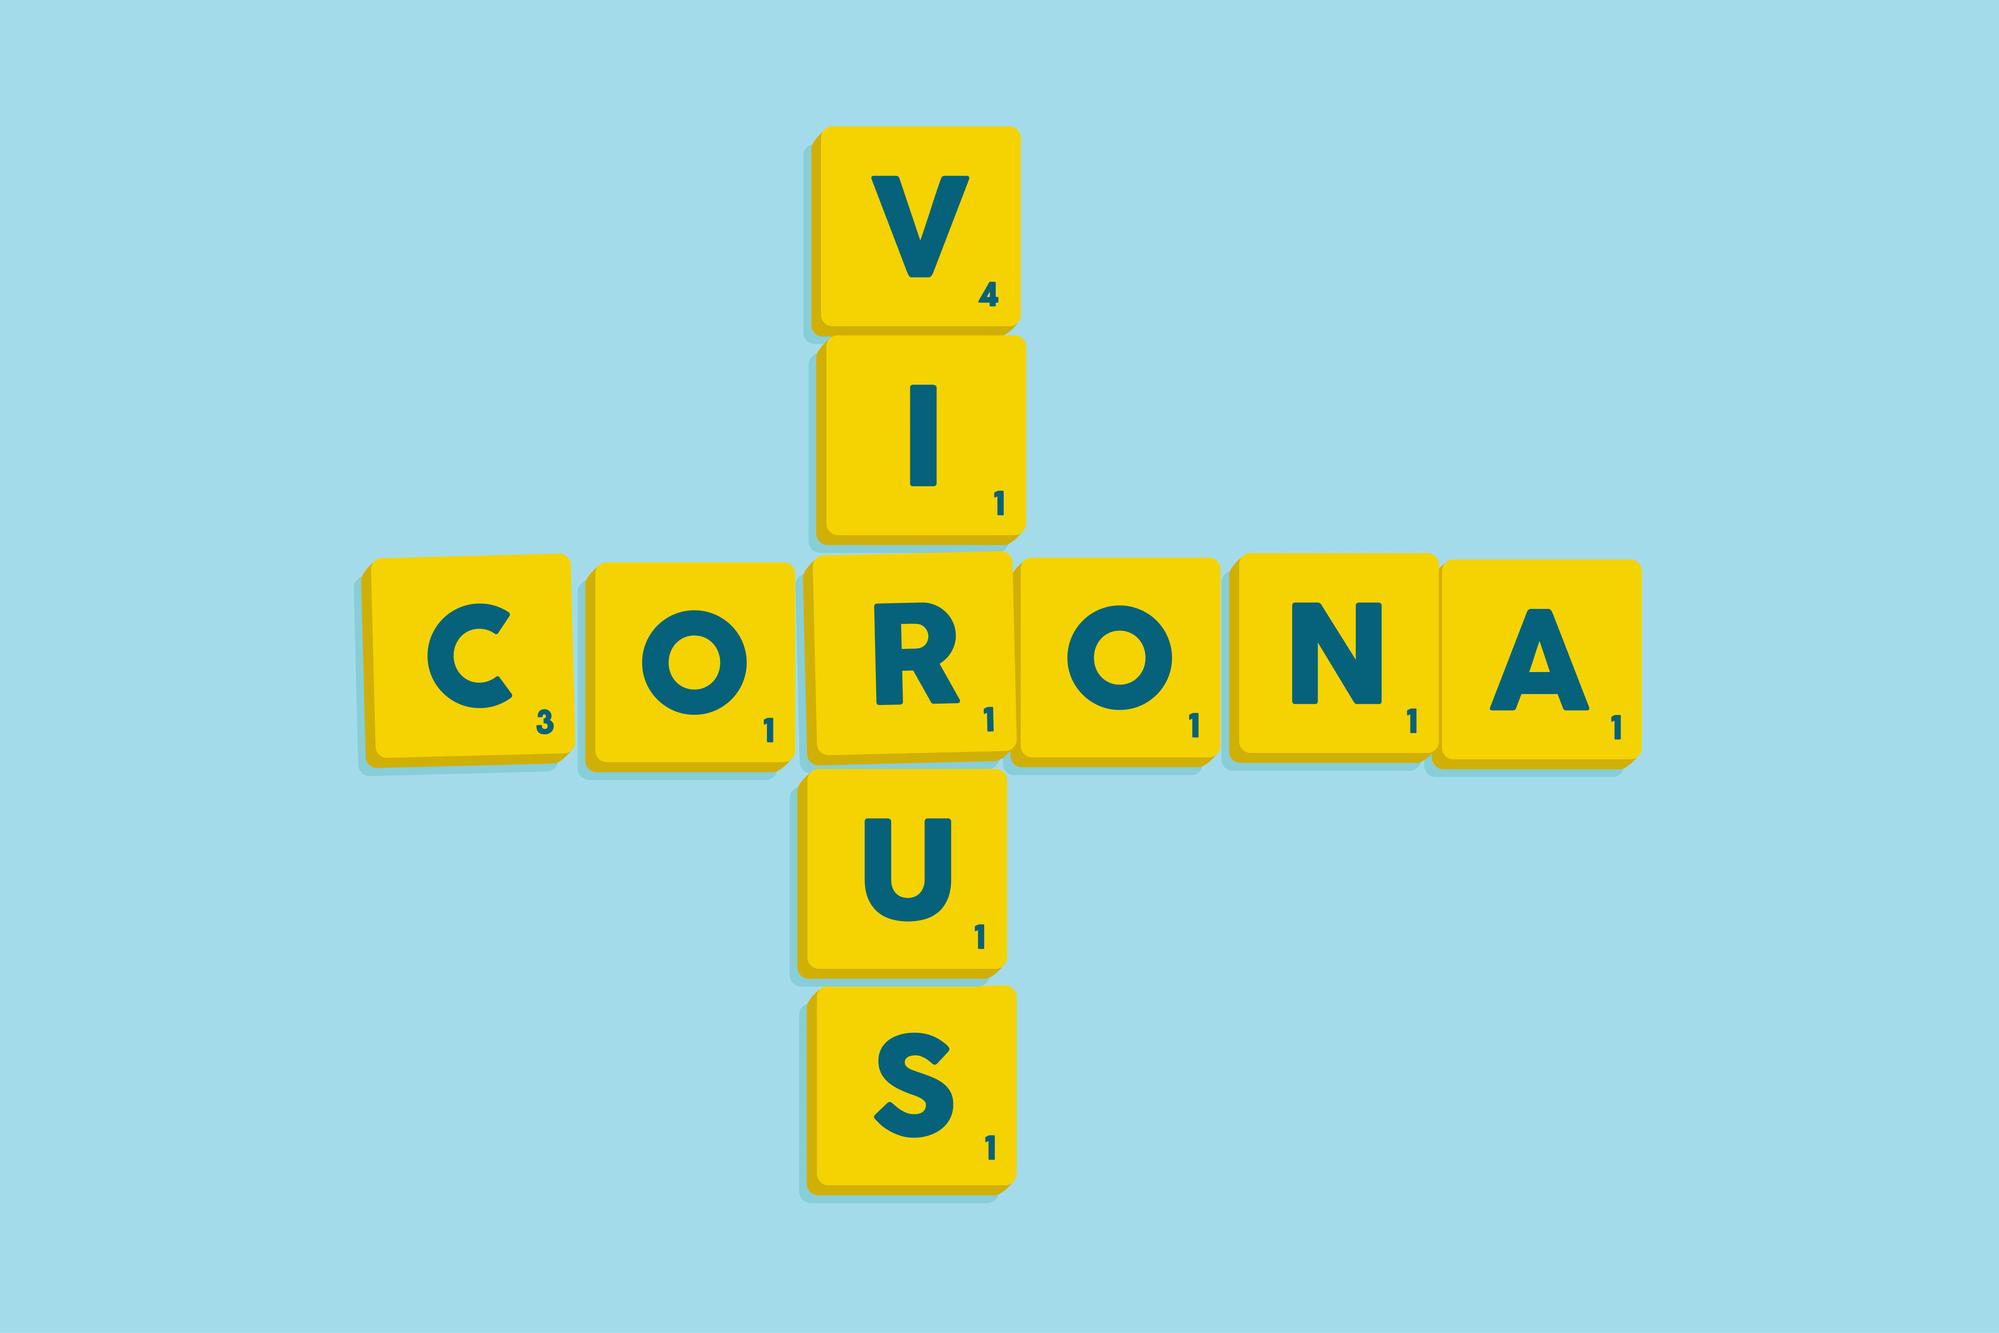 Corina Virus